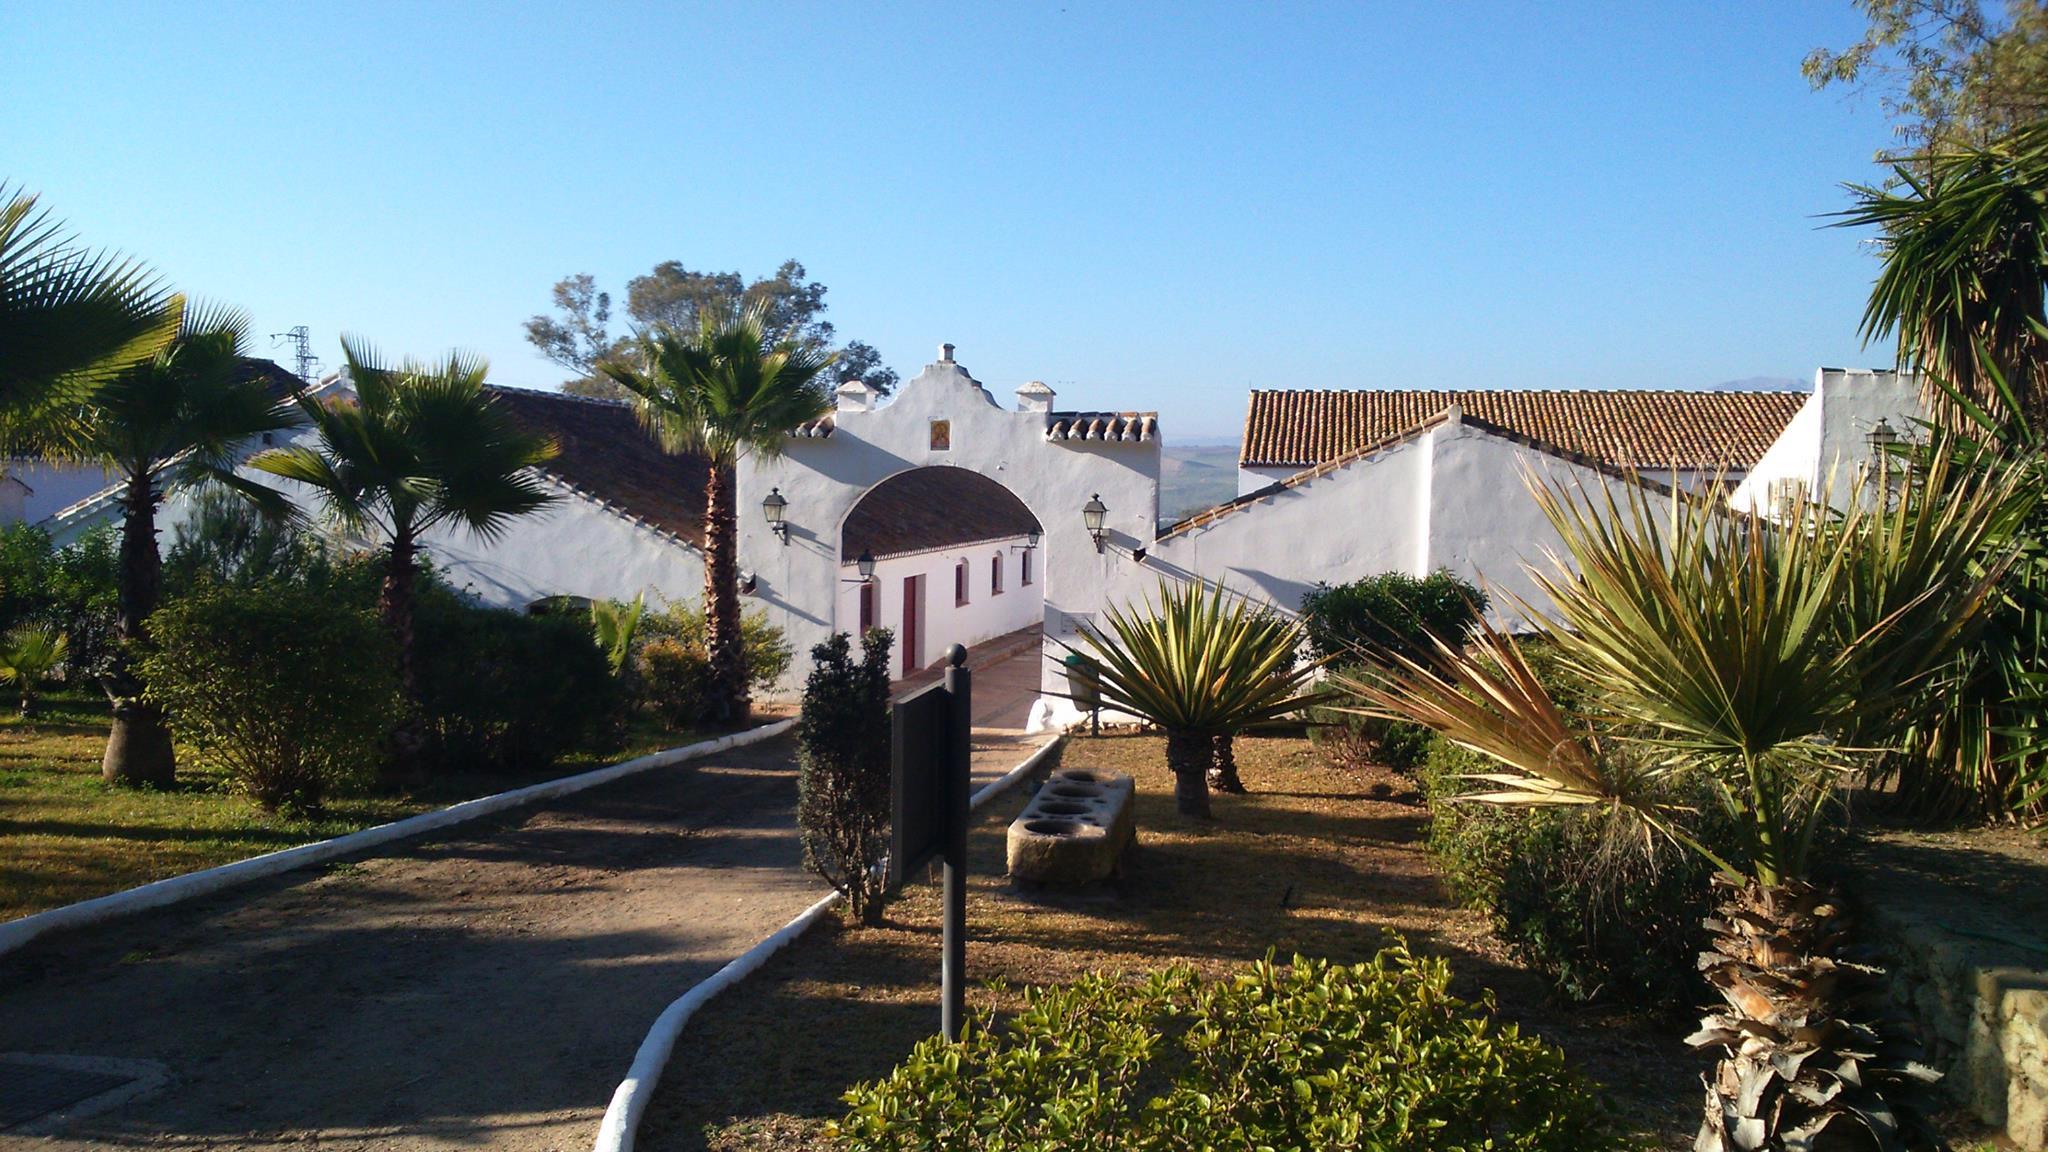 Museo municipal de pizarra